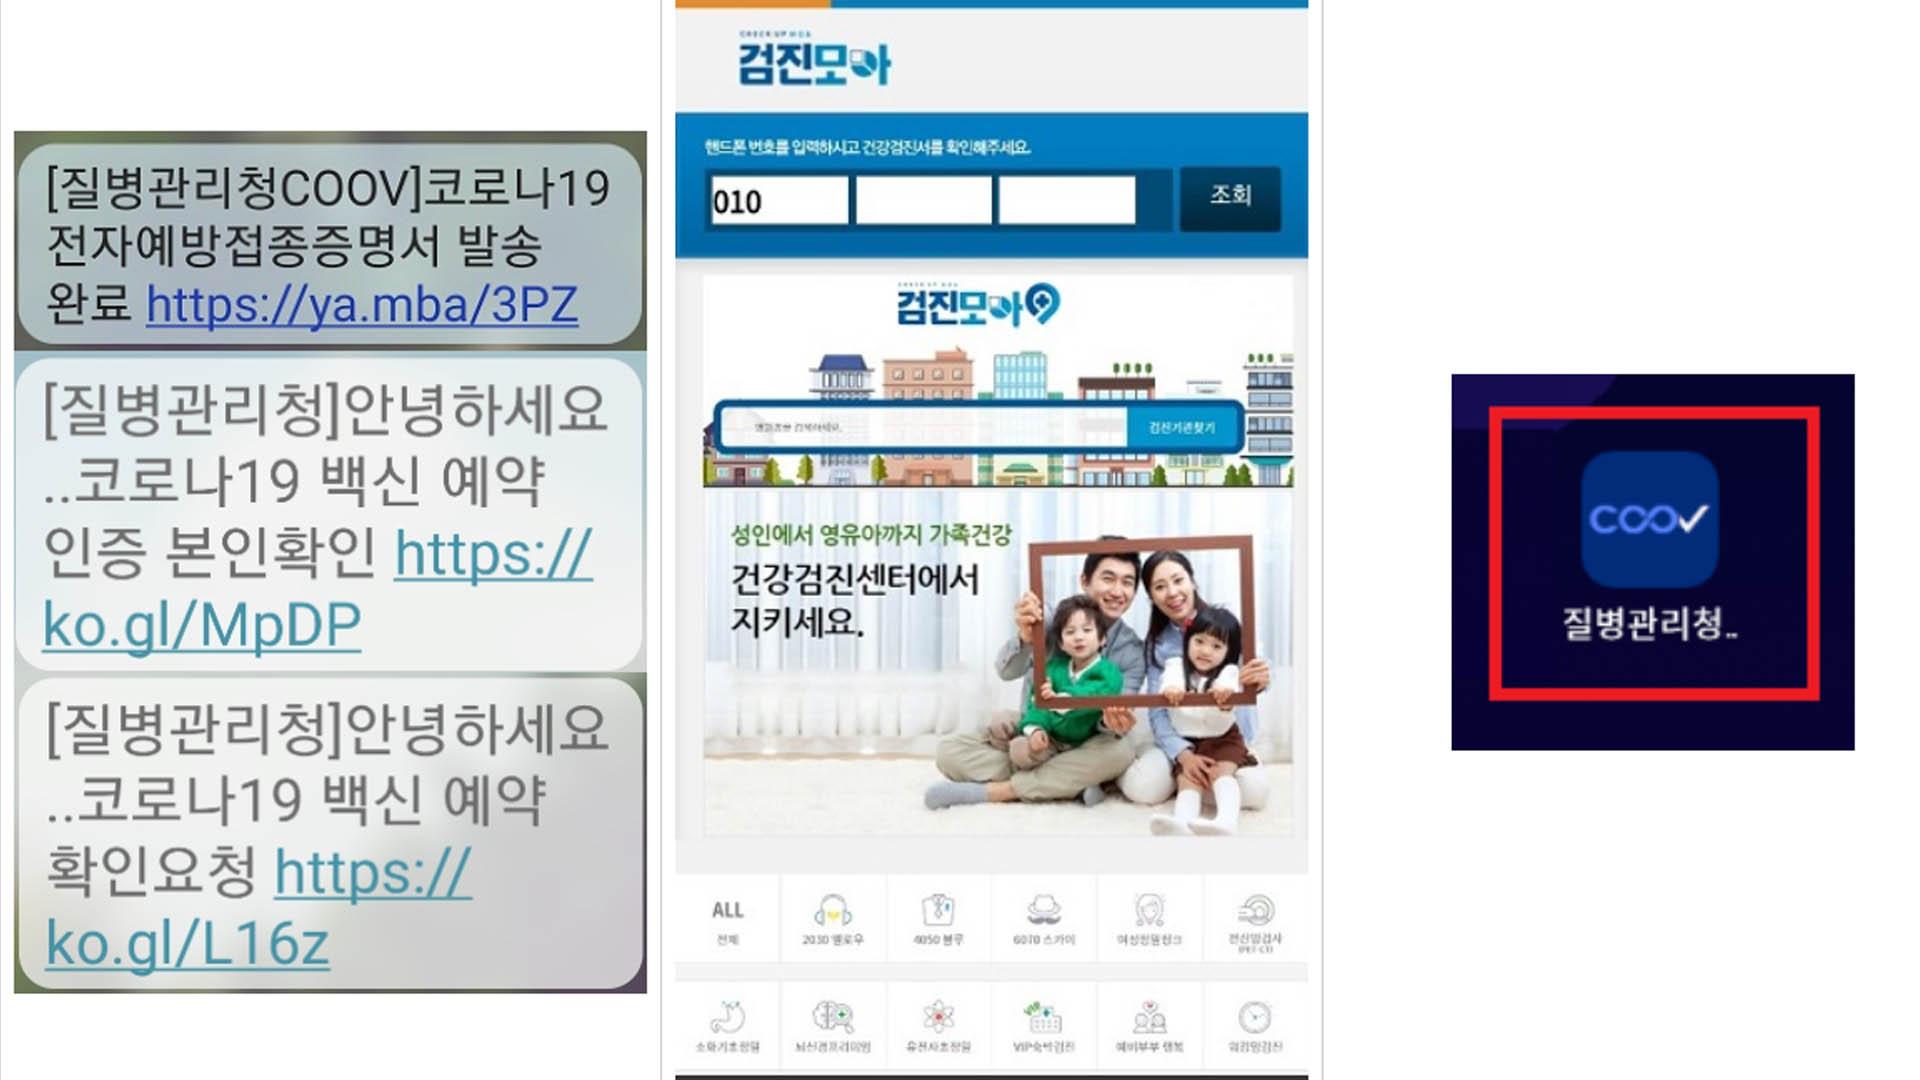 '접종증명서 발송'…코로나 관련 스미싱 잇달아